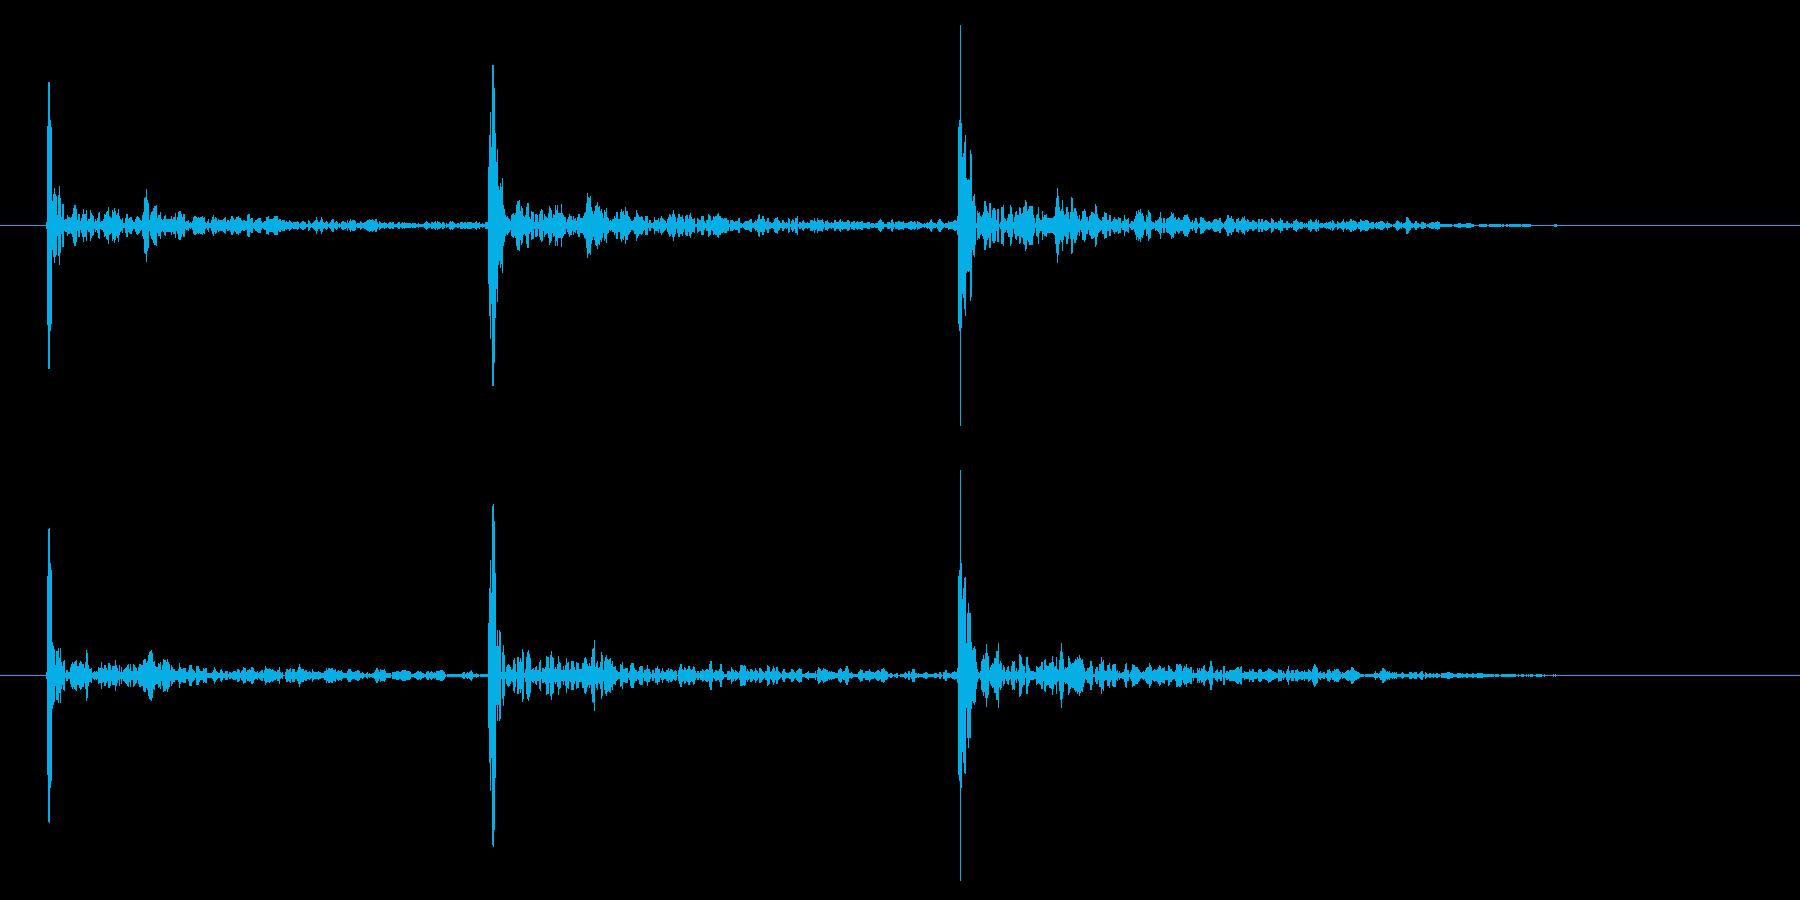 ドアノック 3回 高めのトントントンの再生済みの波形